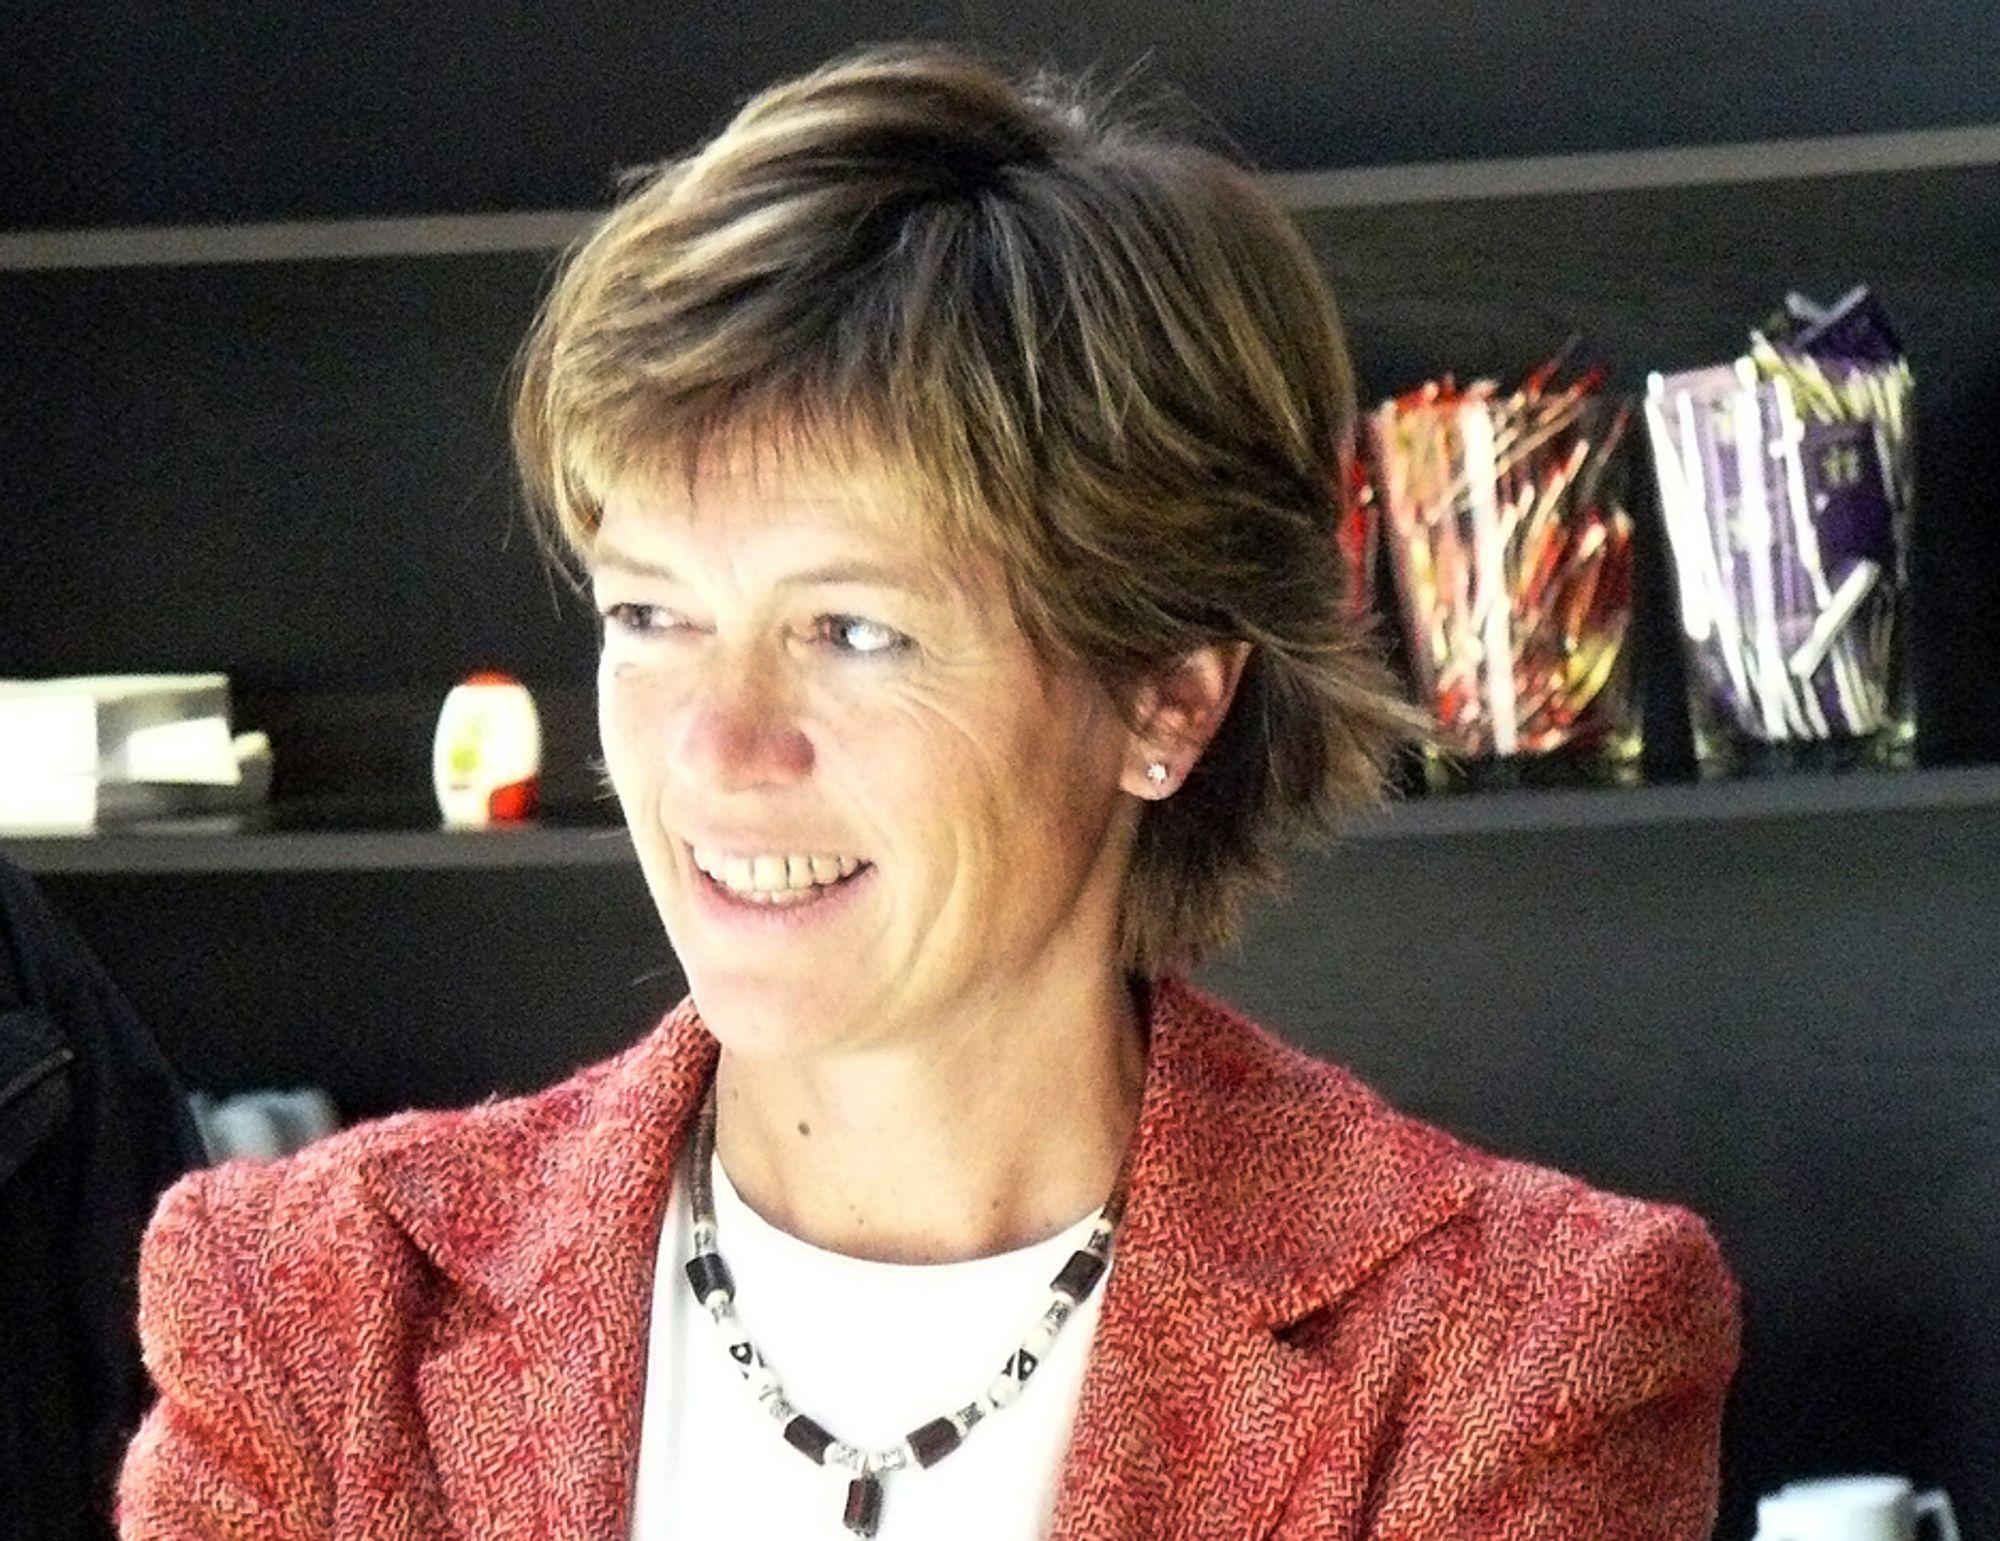 PASSER SAMMEN:- Det er et spesielt konsept, men ofte er det de samme menneskene som er opptatt av miljø og kultur, sier Grete Ingeborg Nykkelmo.